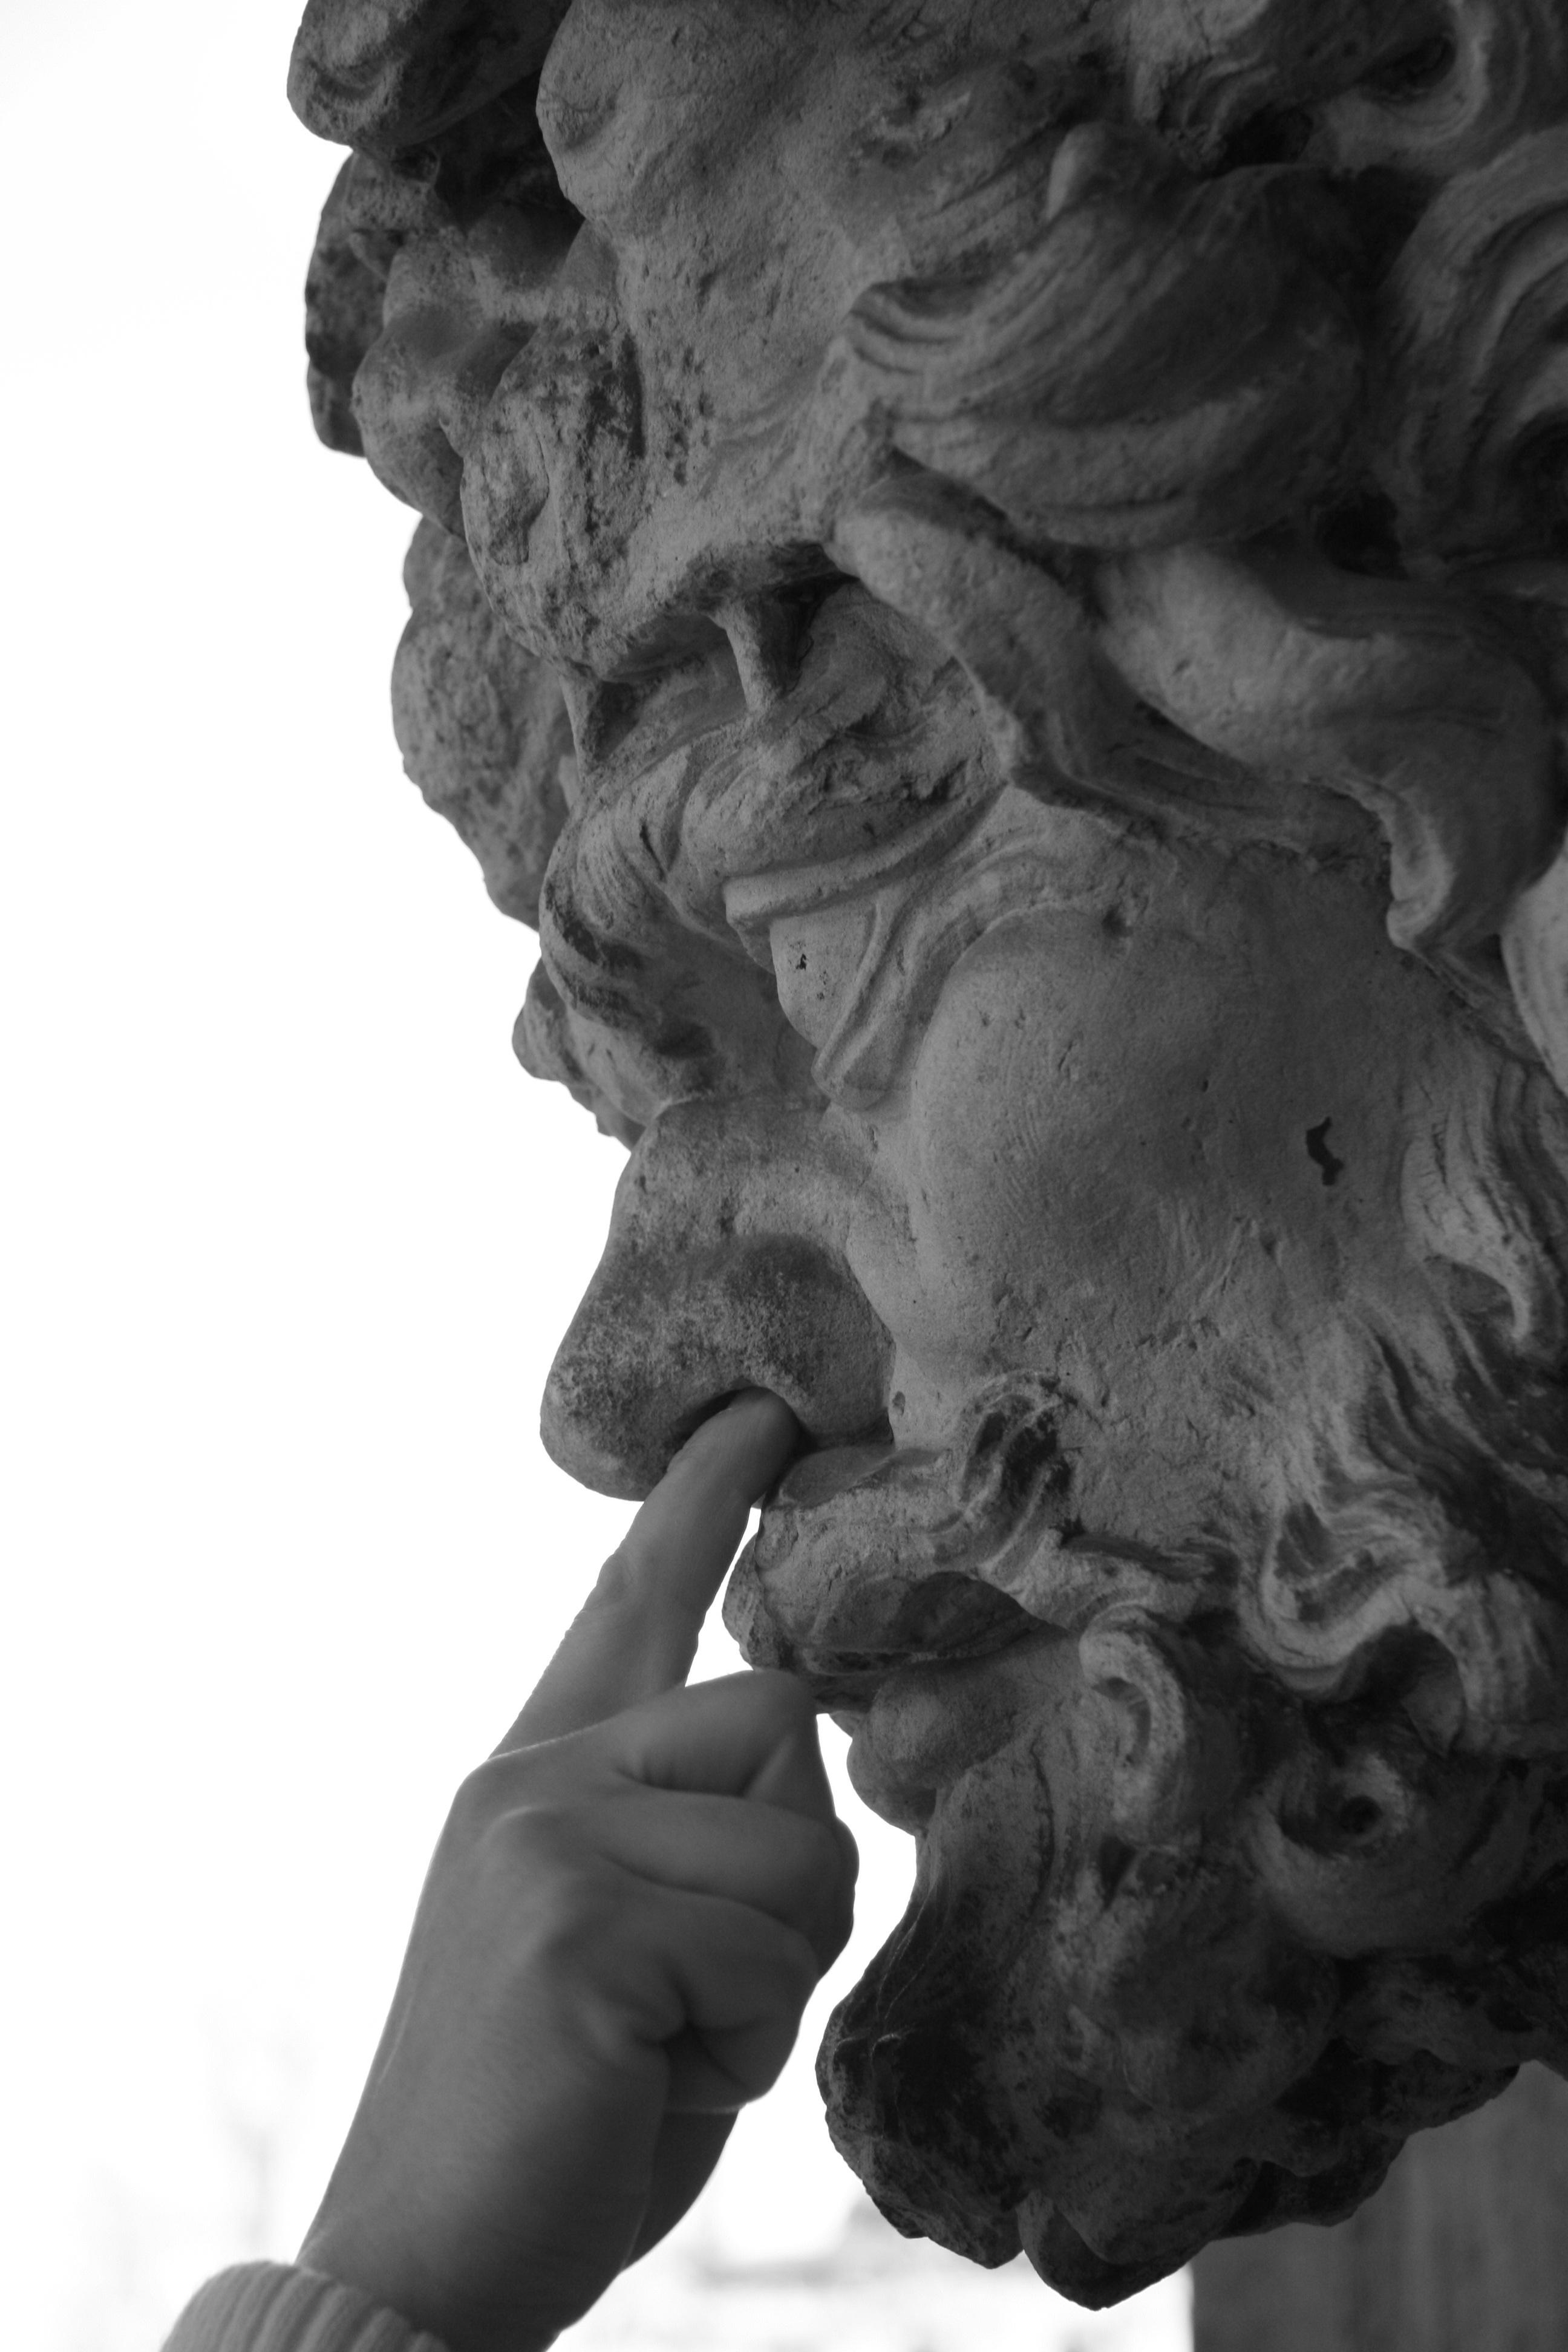 noir et blanc monument statue noir Monochrome sculpture nez art dessin tête chenil Dresden forage Photographie